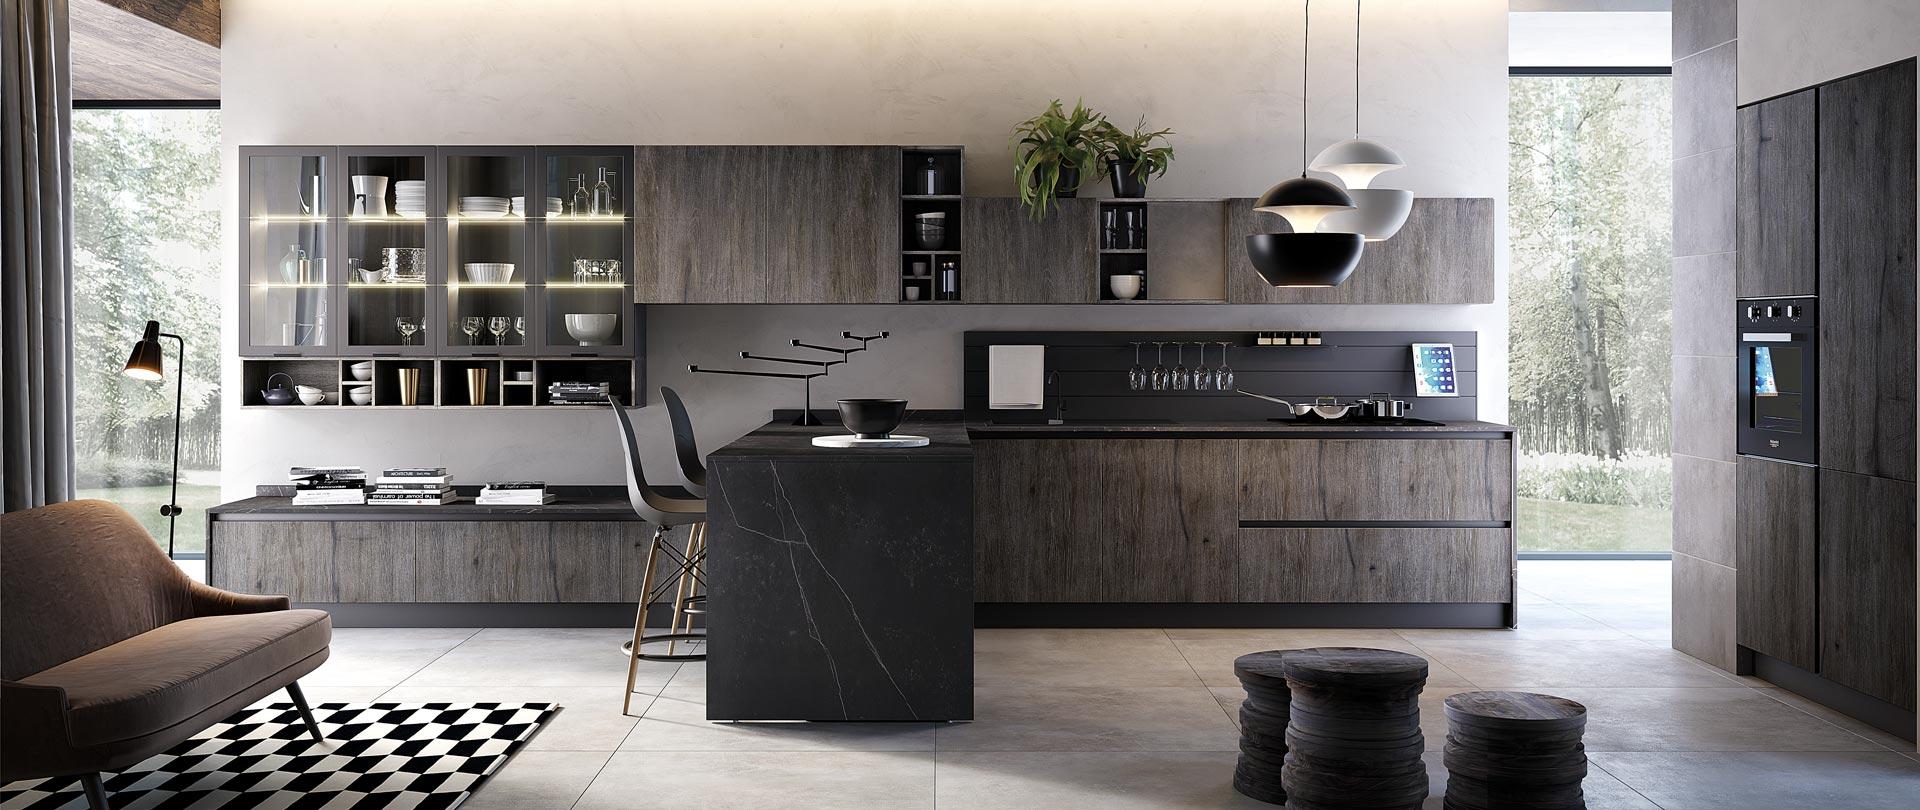 Slide | ArredoOK | Ardea | Arredamento casa, cucine, camere ...